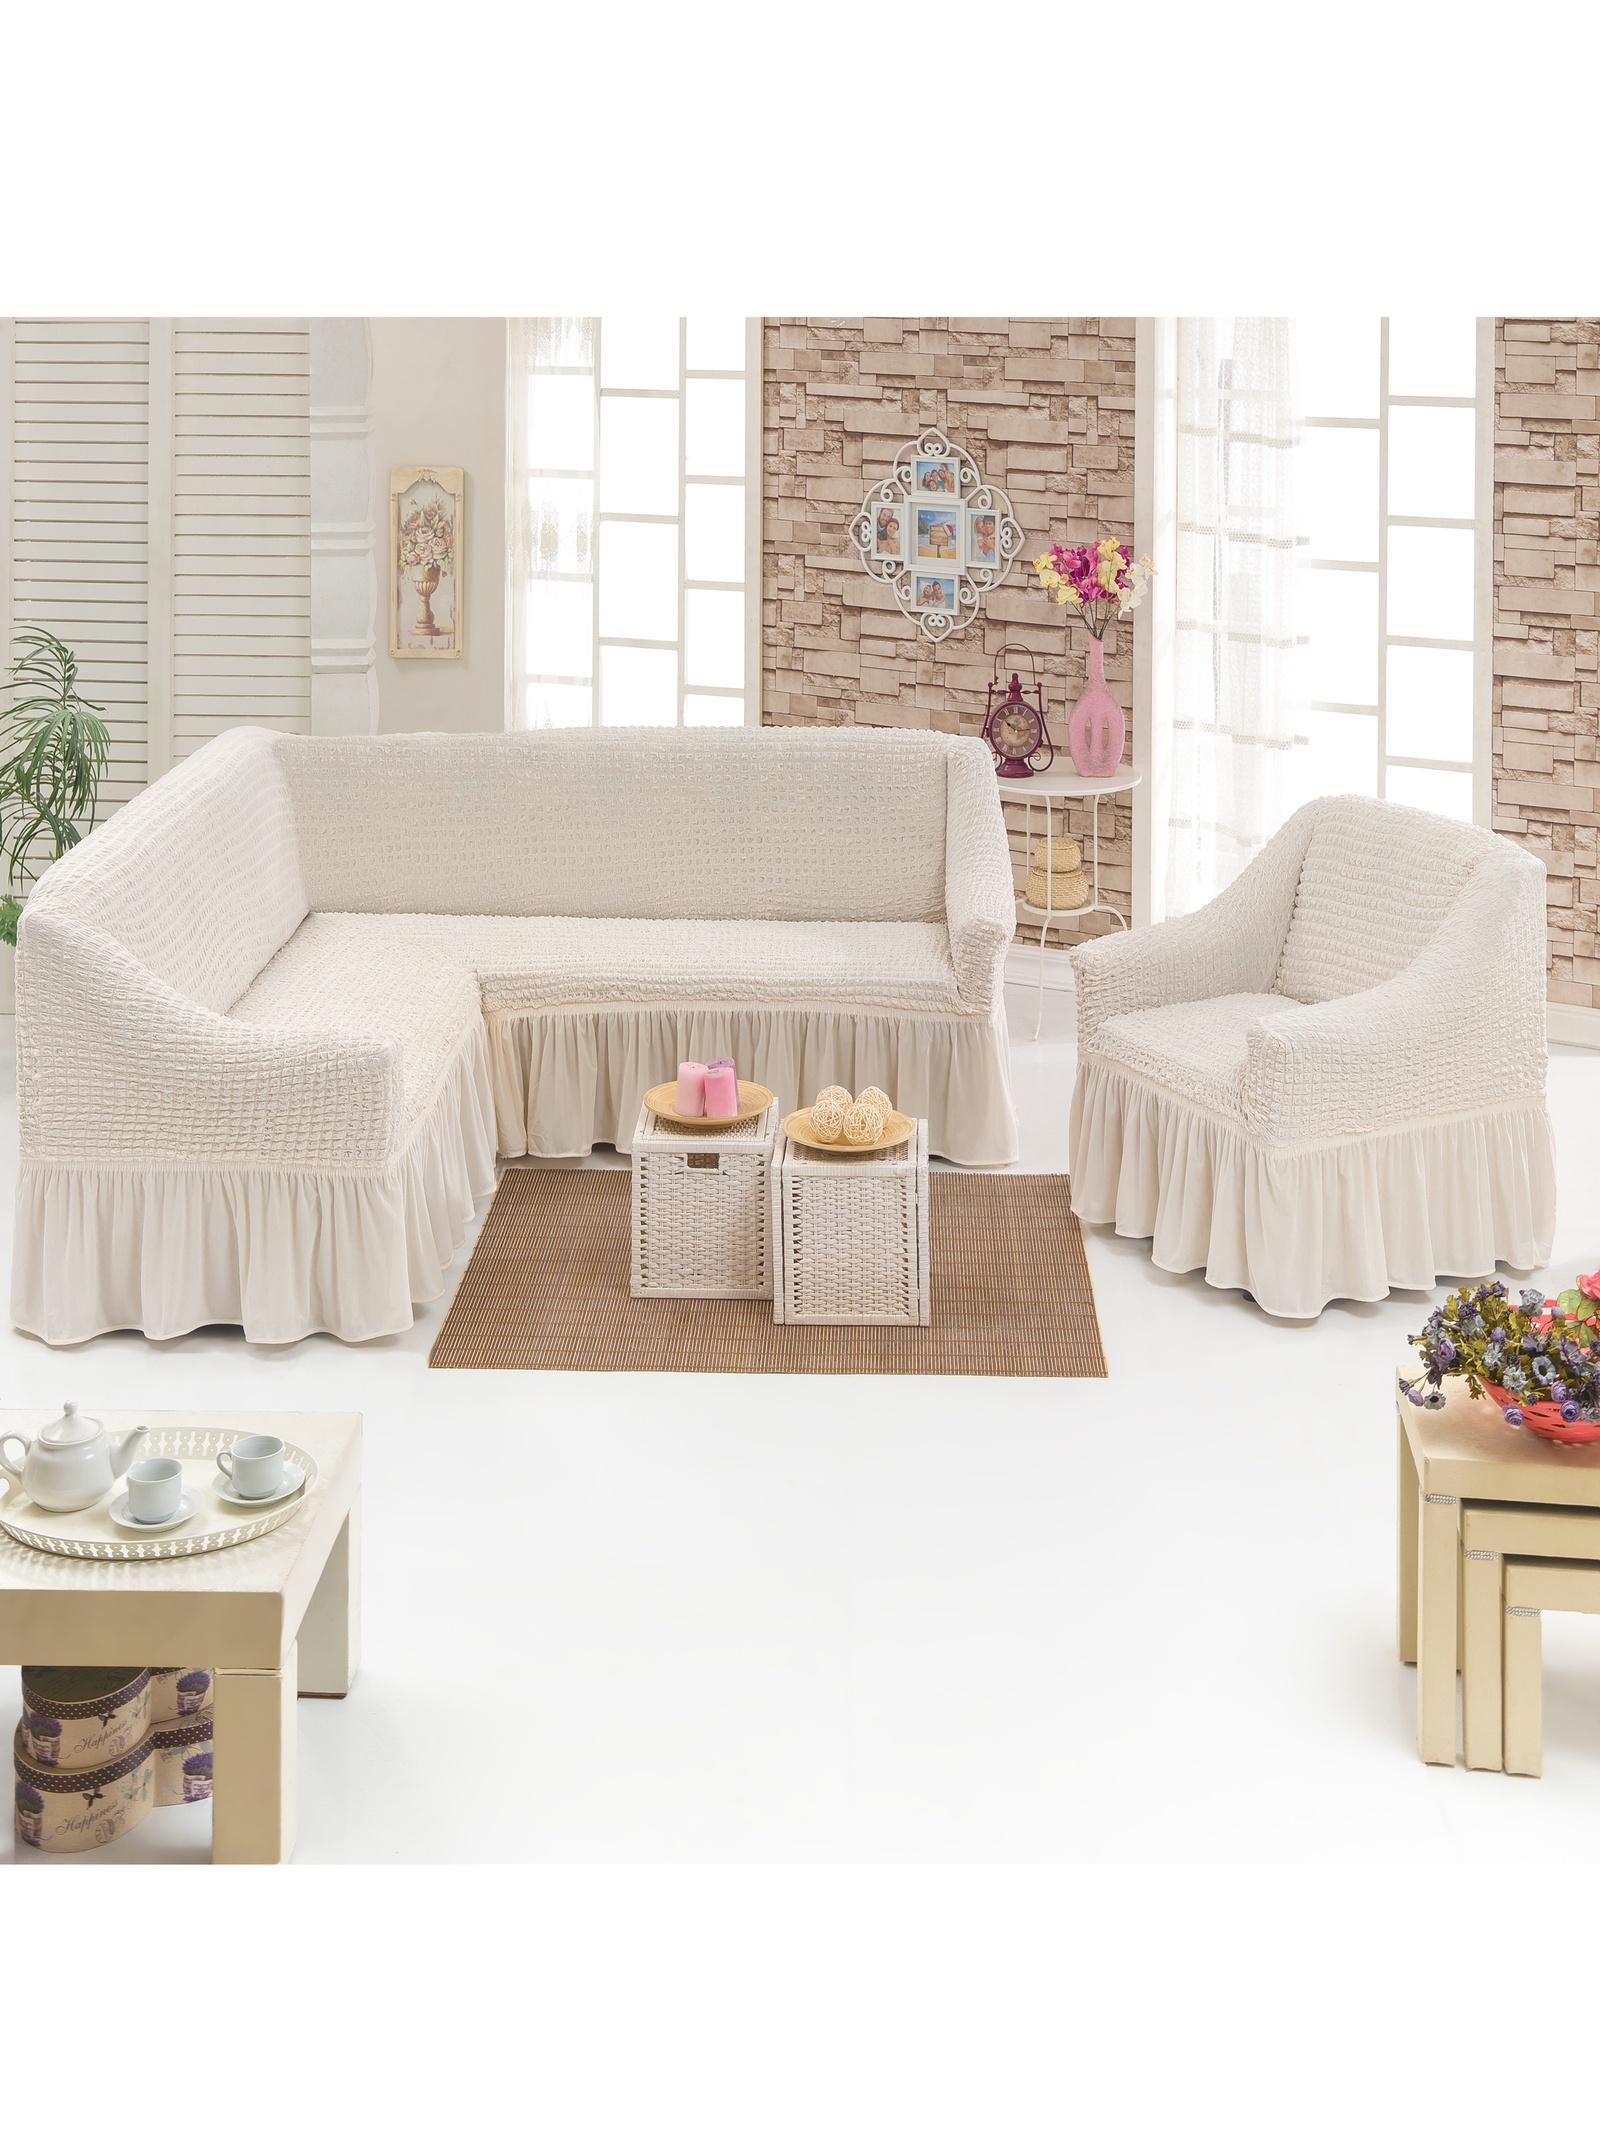 Чехол на мебель JUANNA Чехол д/мягкой мебели Угловой 2-х пр.(3+1) кресла 1шт JUANNA_кремовый, кремовый